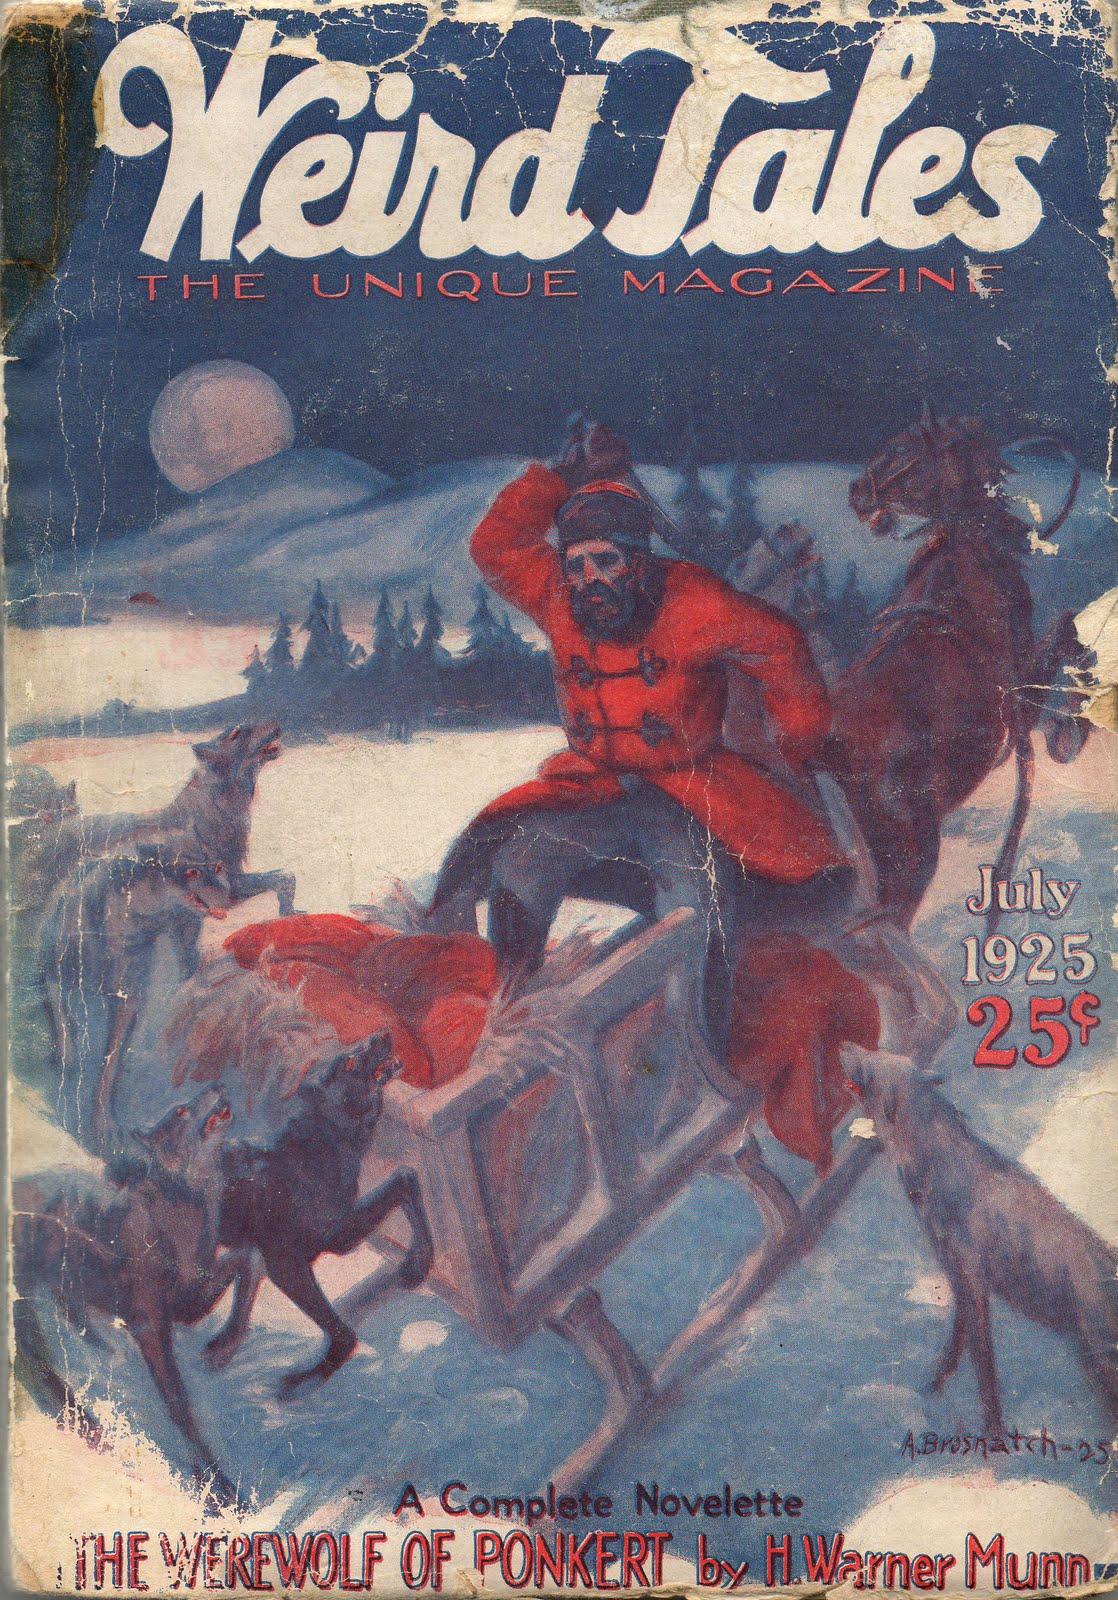 H.P. Lovecraft - Terrores Bibliográficos (1917-1959) | Noviembre Nocturno 34